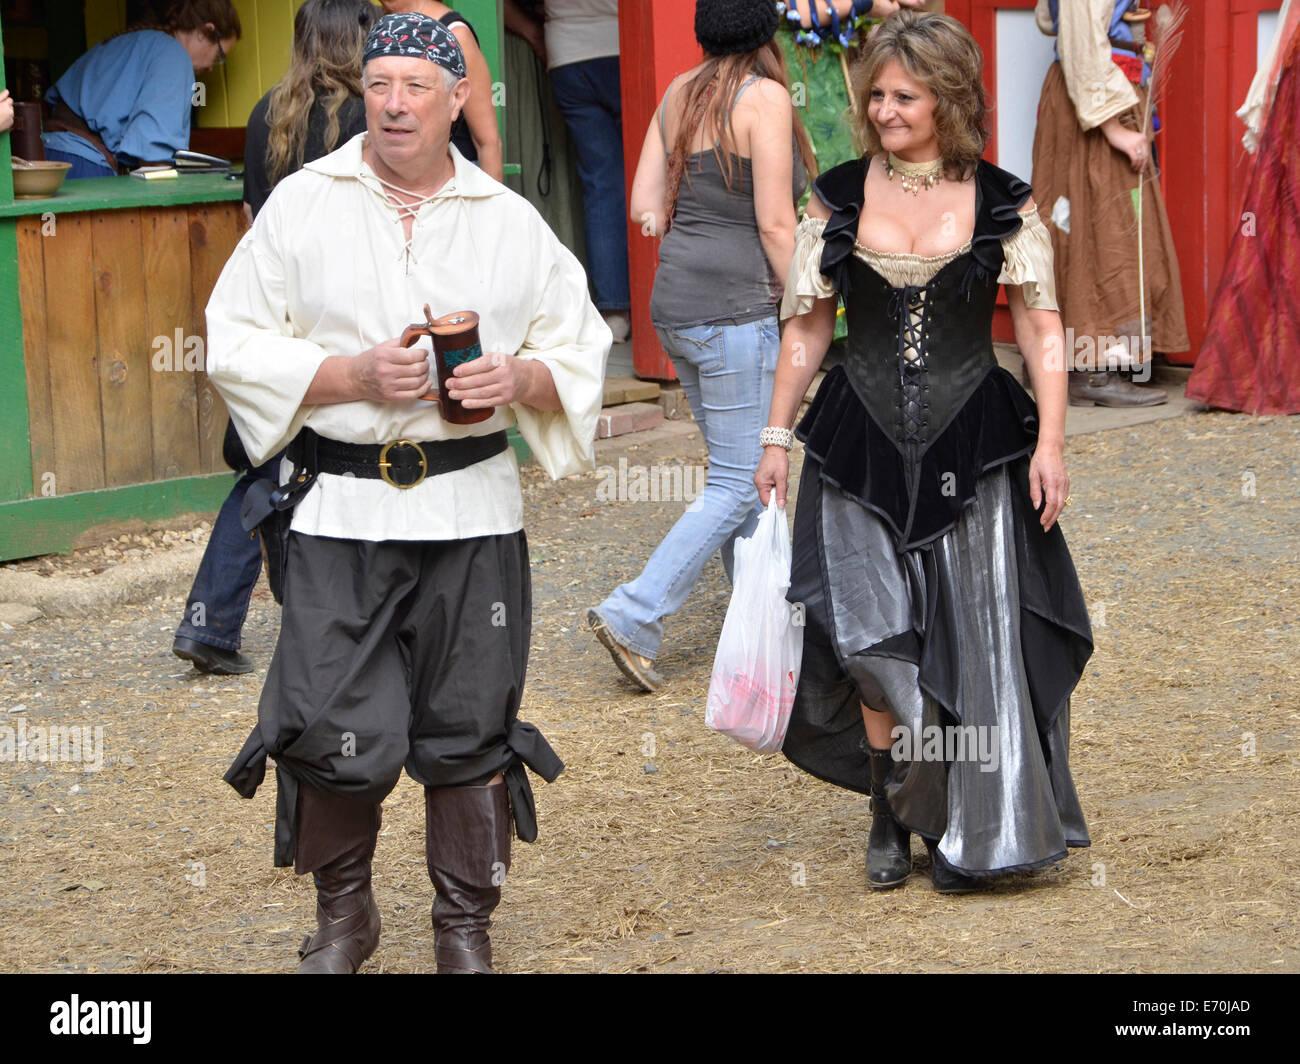 Par ataviados con trajes de la época del renacimiento en el Renaissance Festival en Crownsville, Maryland Imagen De Stock